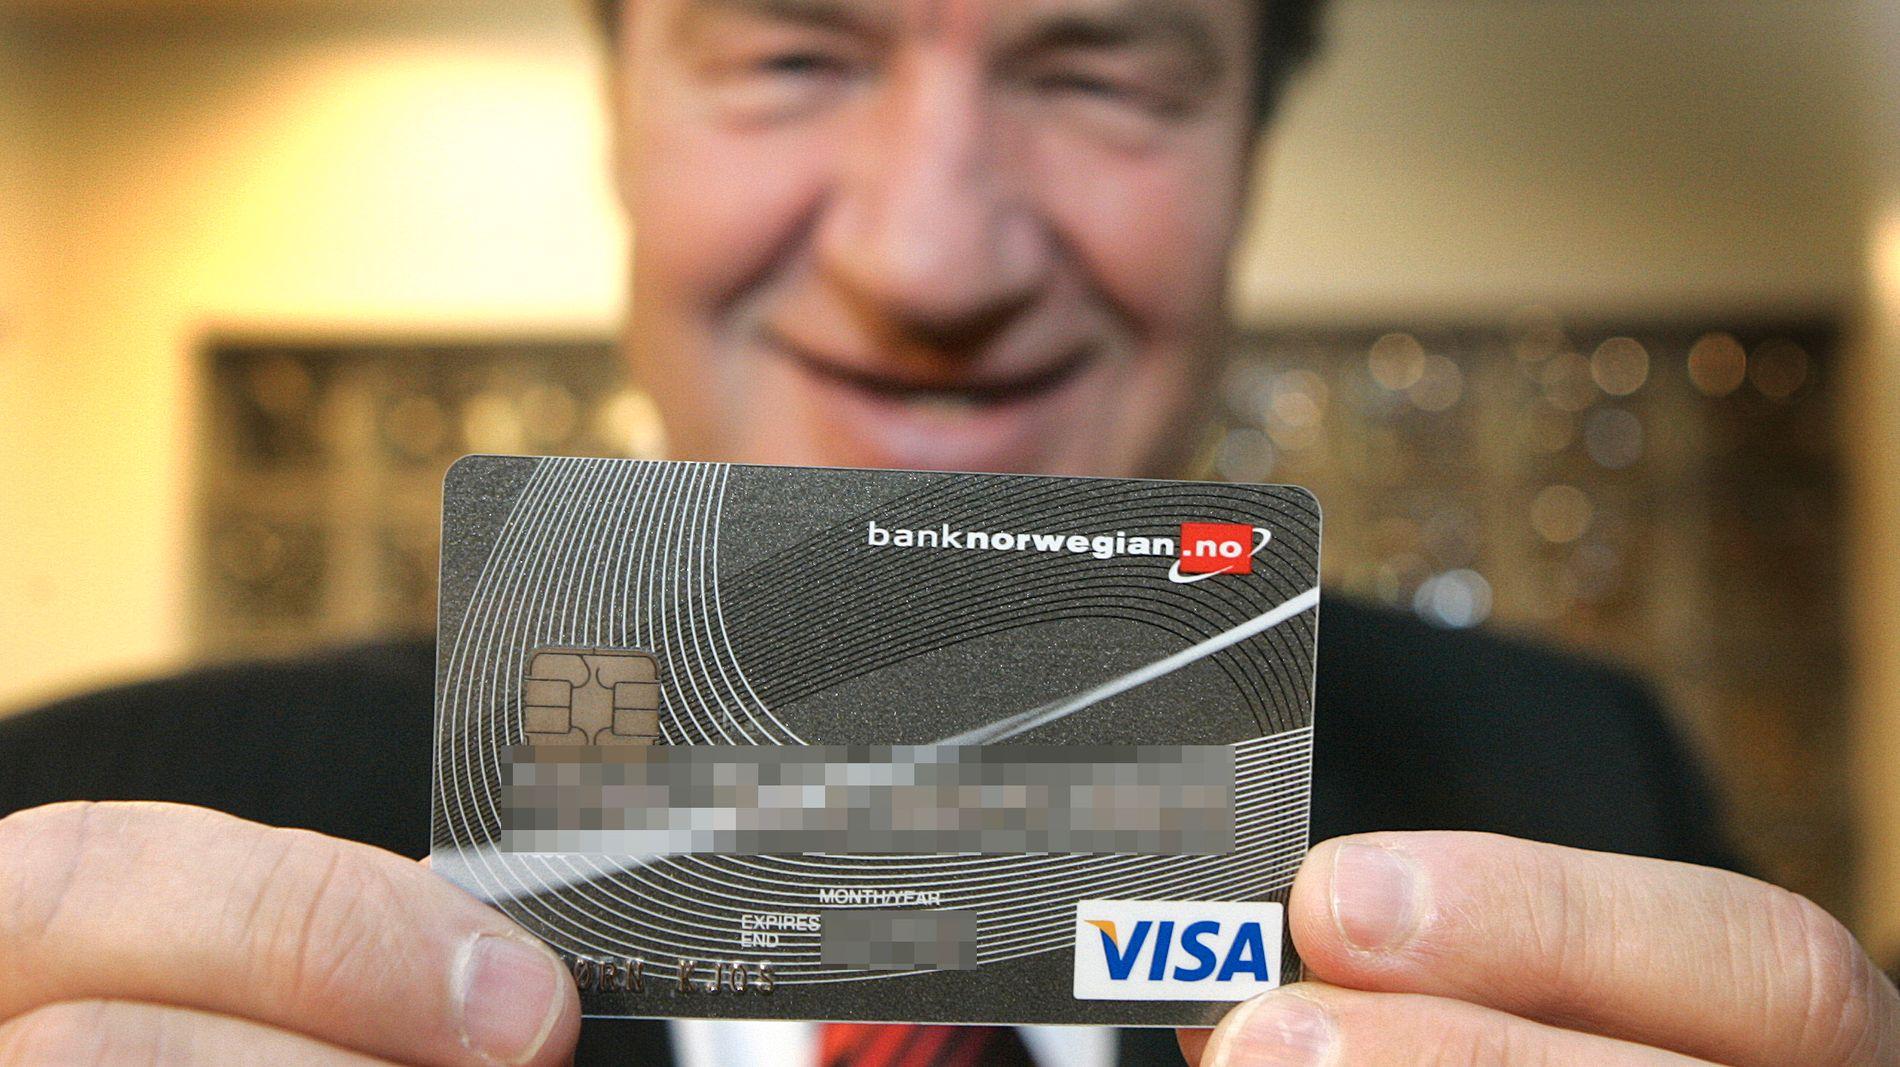 BREDT GLIS: Konsernsjef i Norwegian, Bjørn Kjos, kan registrere eventyrlig vekst i Bank Norwegian.